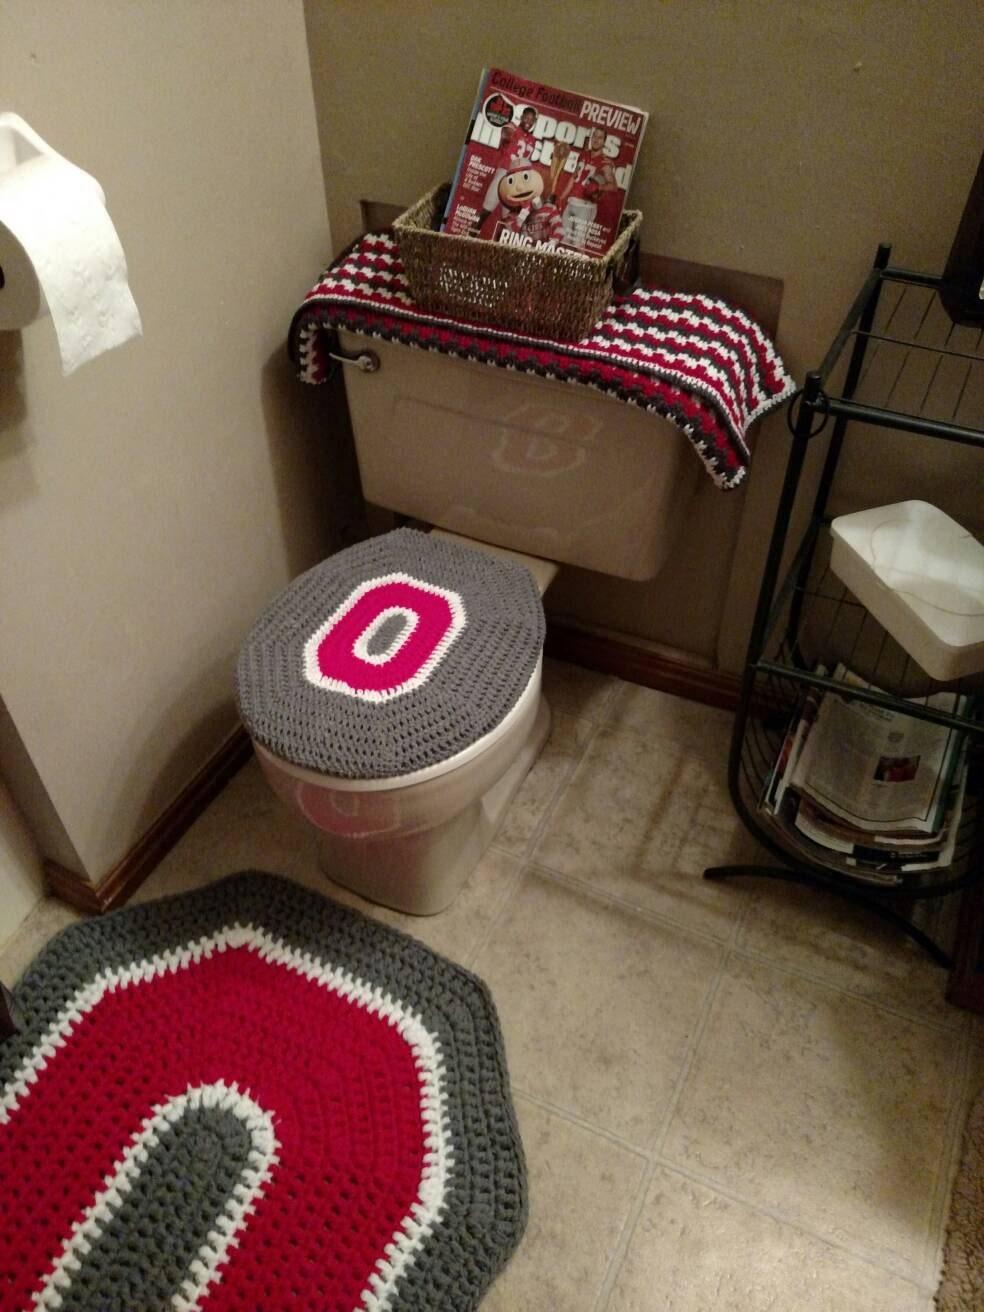 Ohio State Buckeyes Crochet Toilet Seat Cover Handmade Block